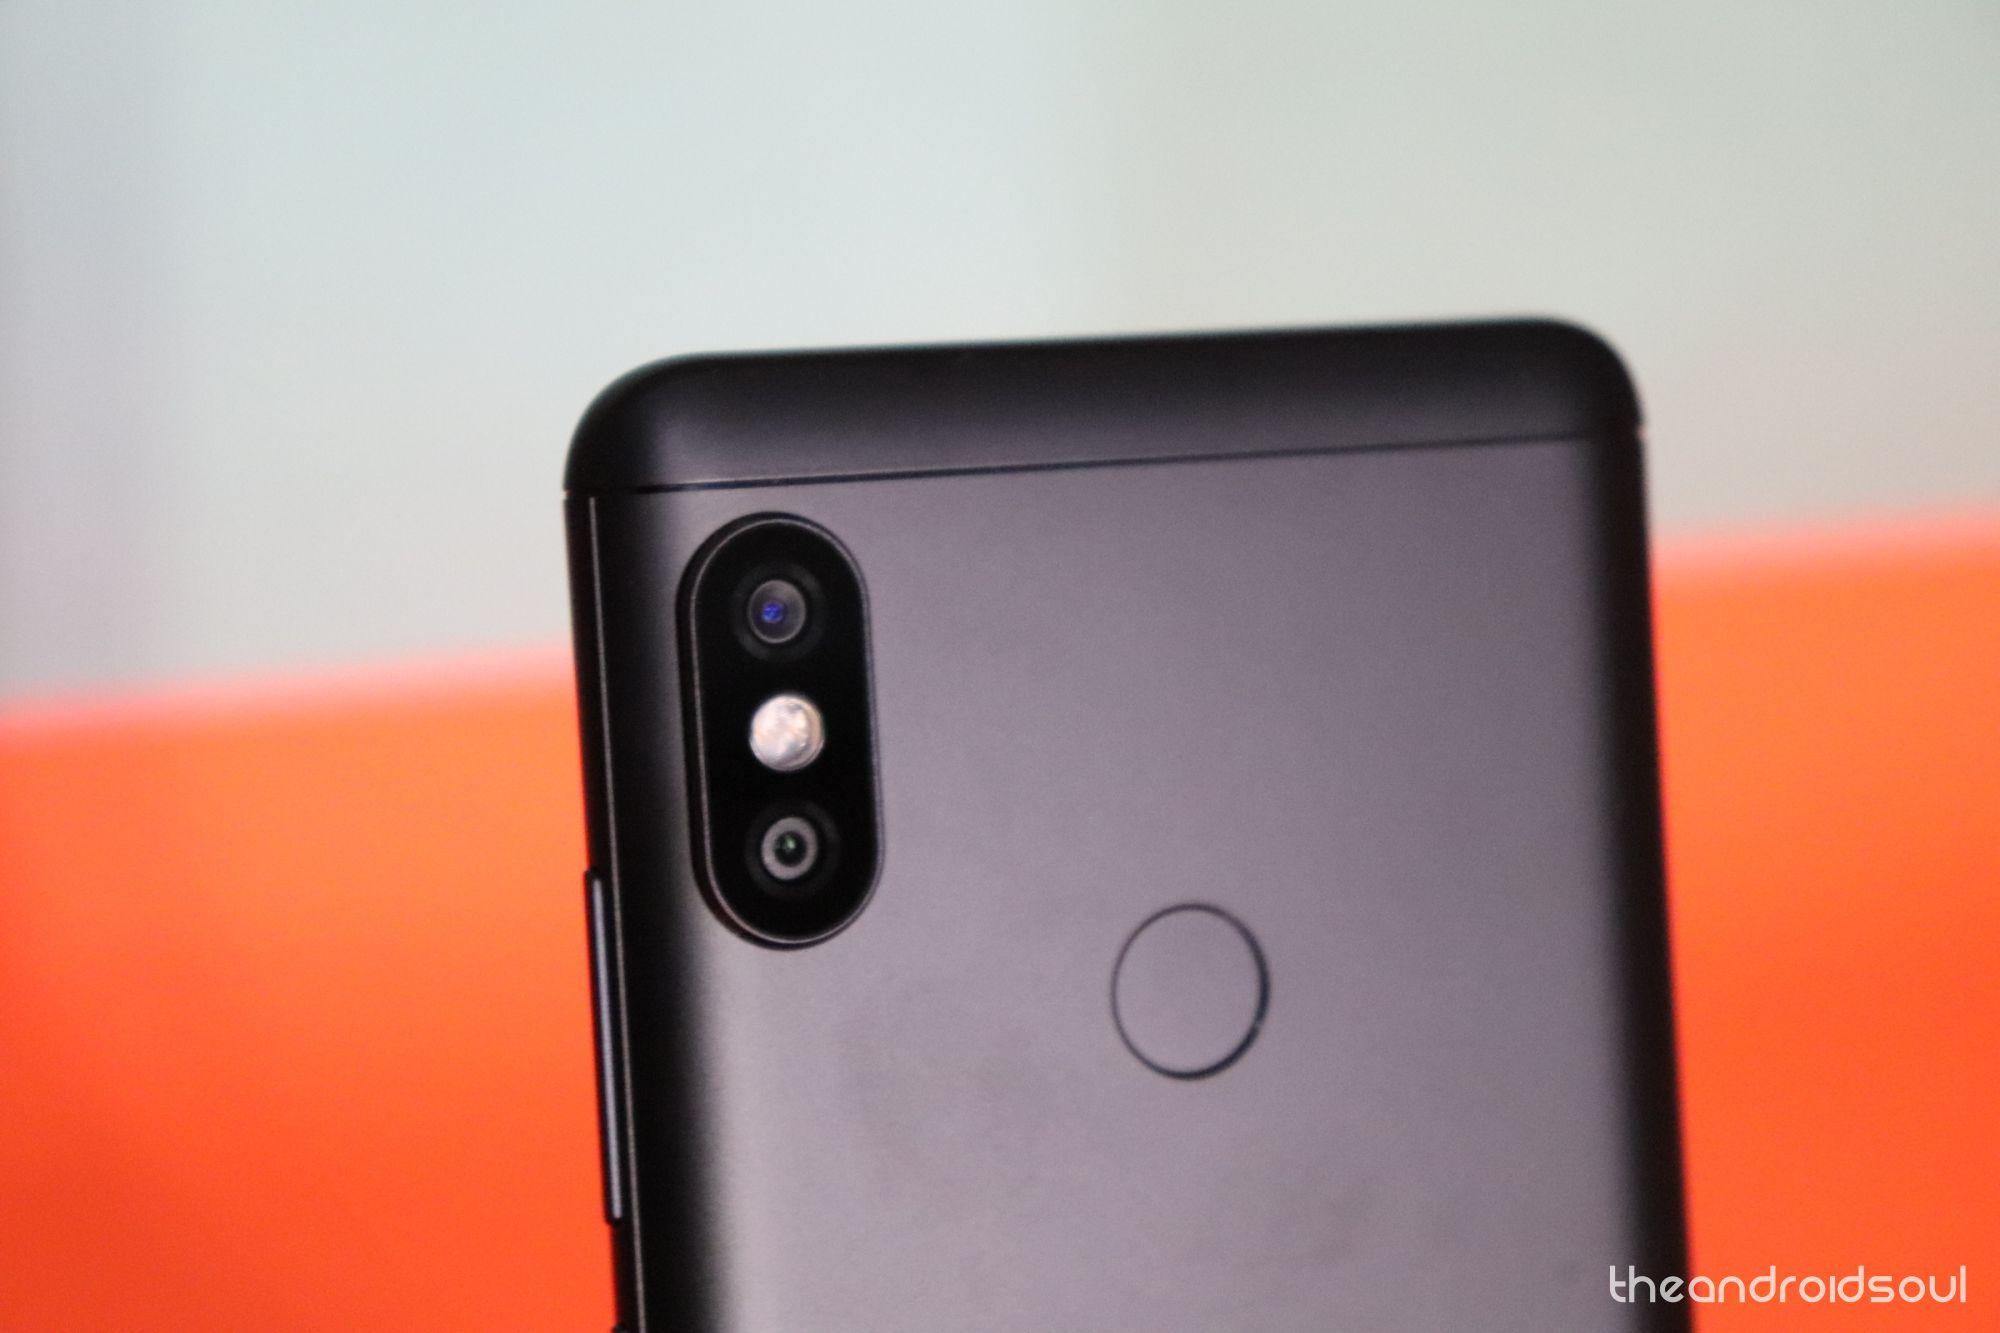 🏷️ Redmi note 6 pro pie rom download | The Xiaomi Redmi